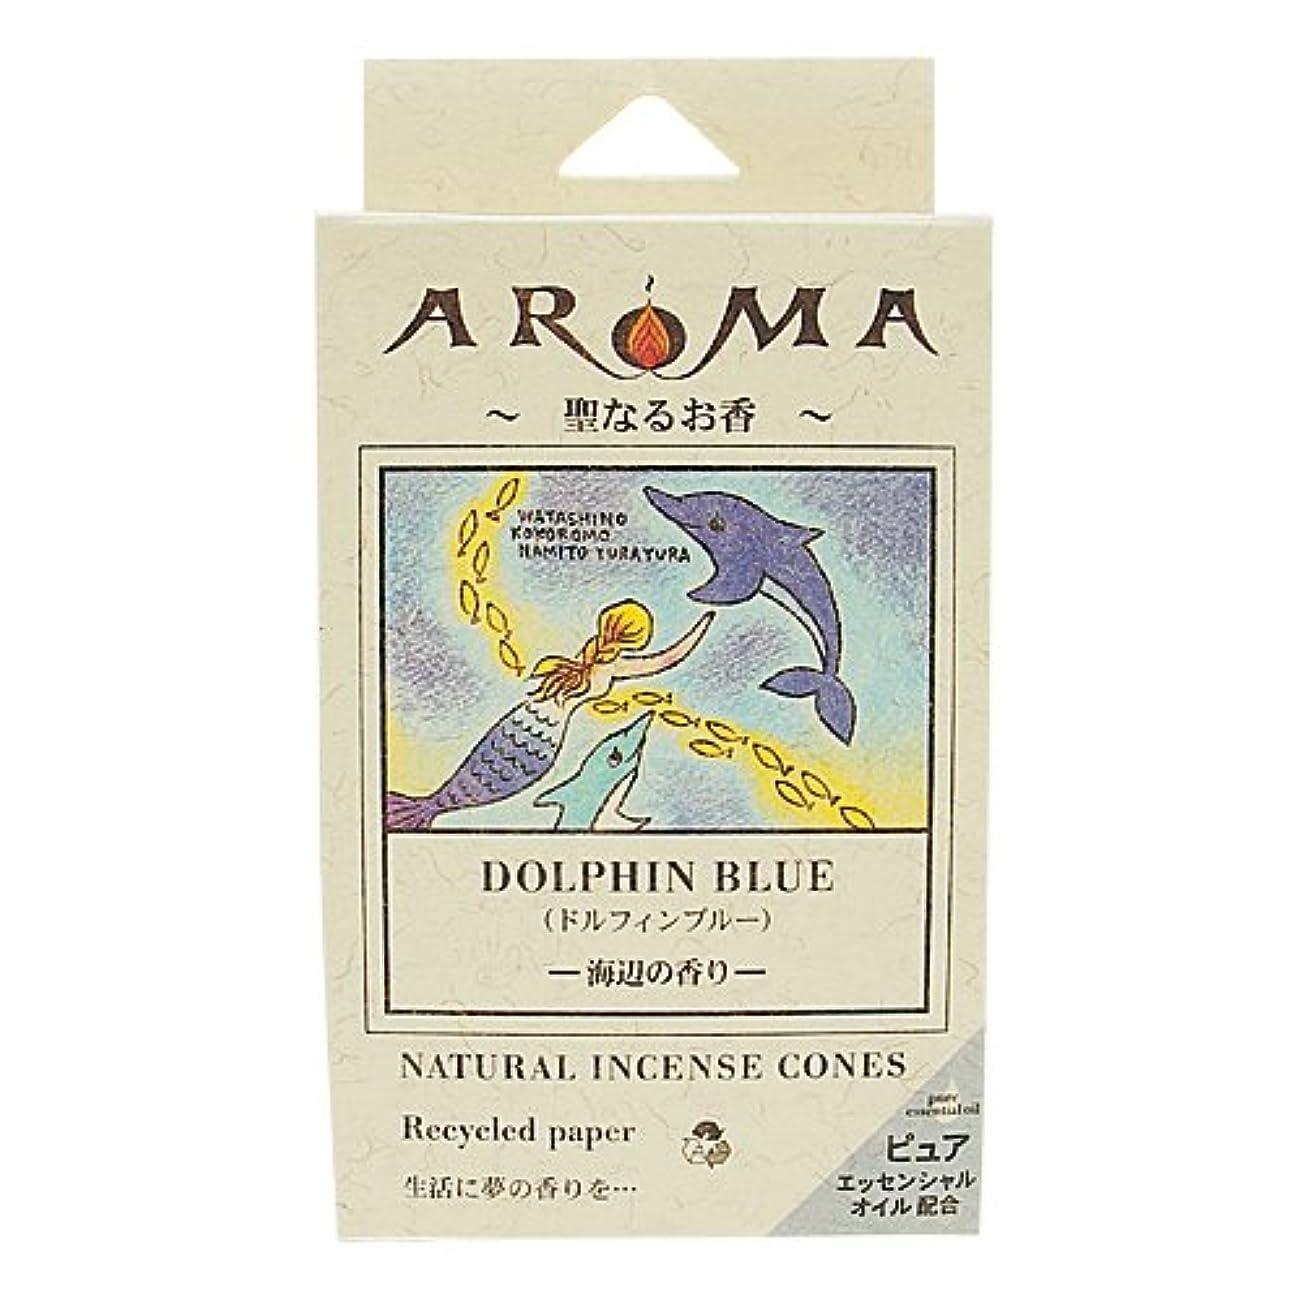 同時別々にに対応アロマ香 ドルフィンブルー 16粒(コーンタイプインセンス 1粒の燃焼時間約20分 海辺の香り)